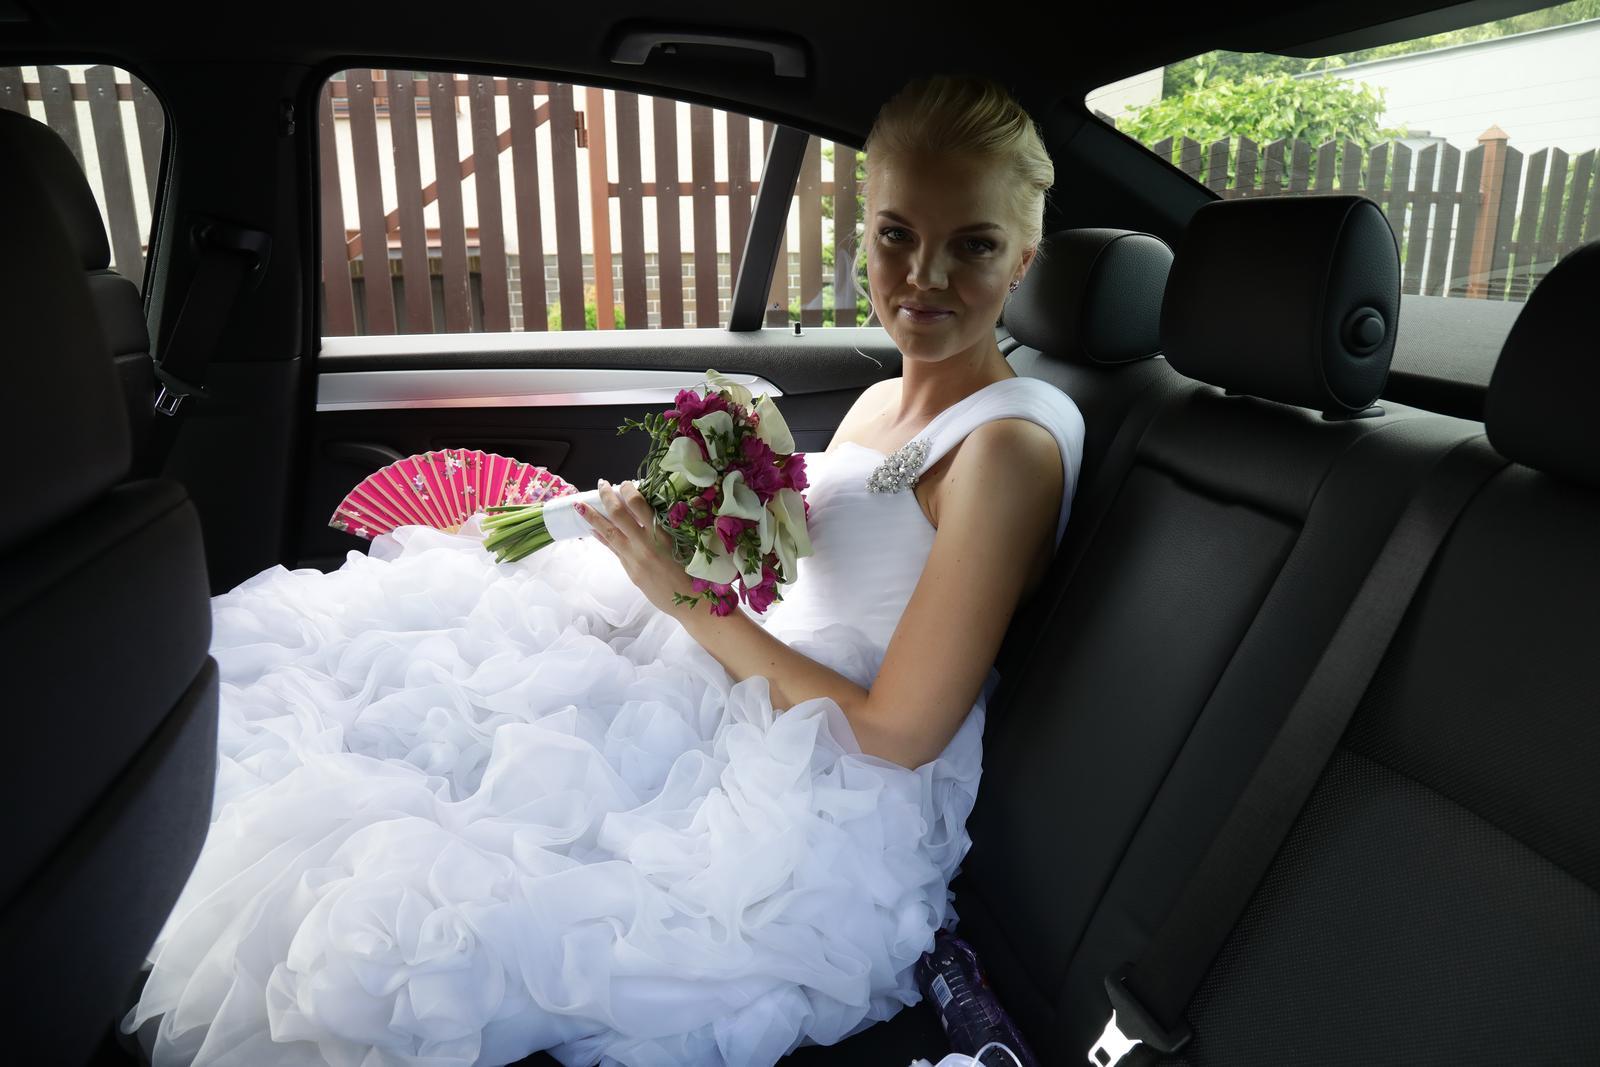 Lucinka{{_AND_}}Honzík - utajená nevěsta schovaná v autě na konci kolony na radnici :-)